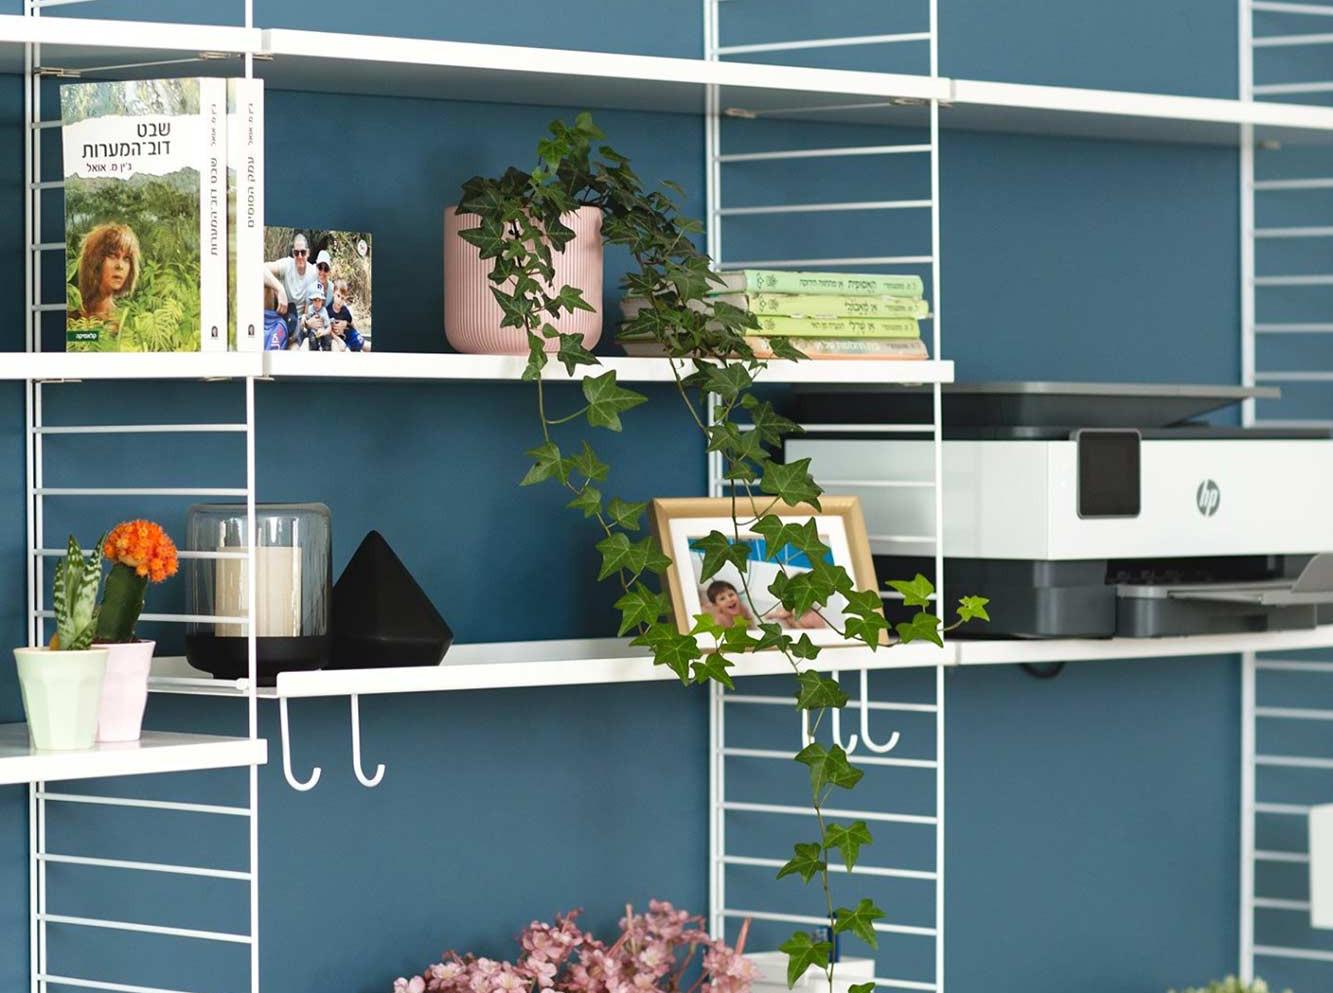 עיצוב: הילה אריאלי  | צילום: דנה סטמפלר-עשהאל